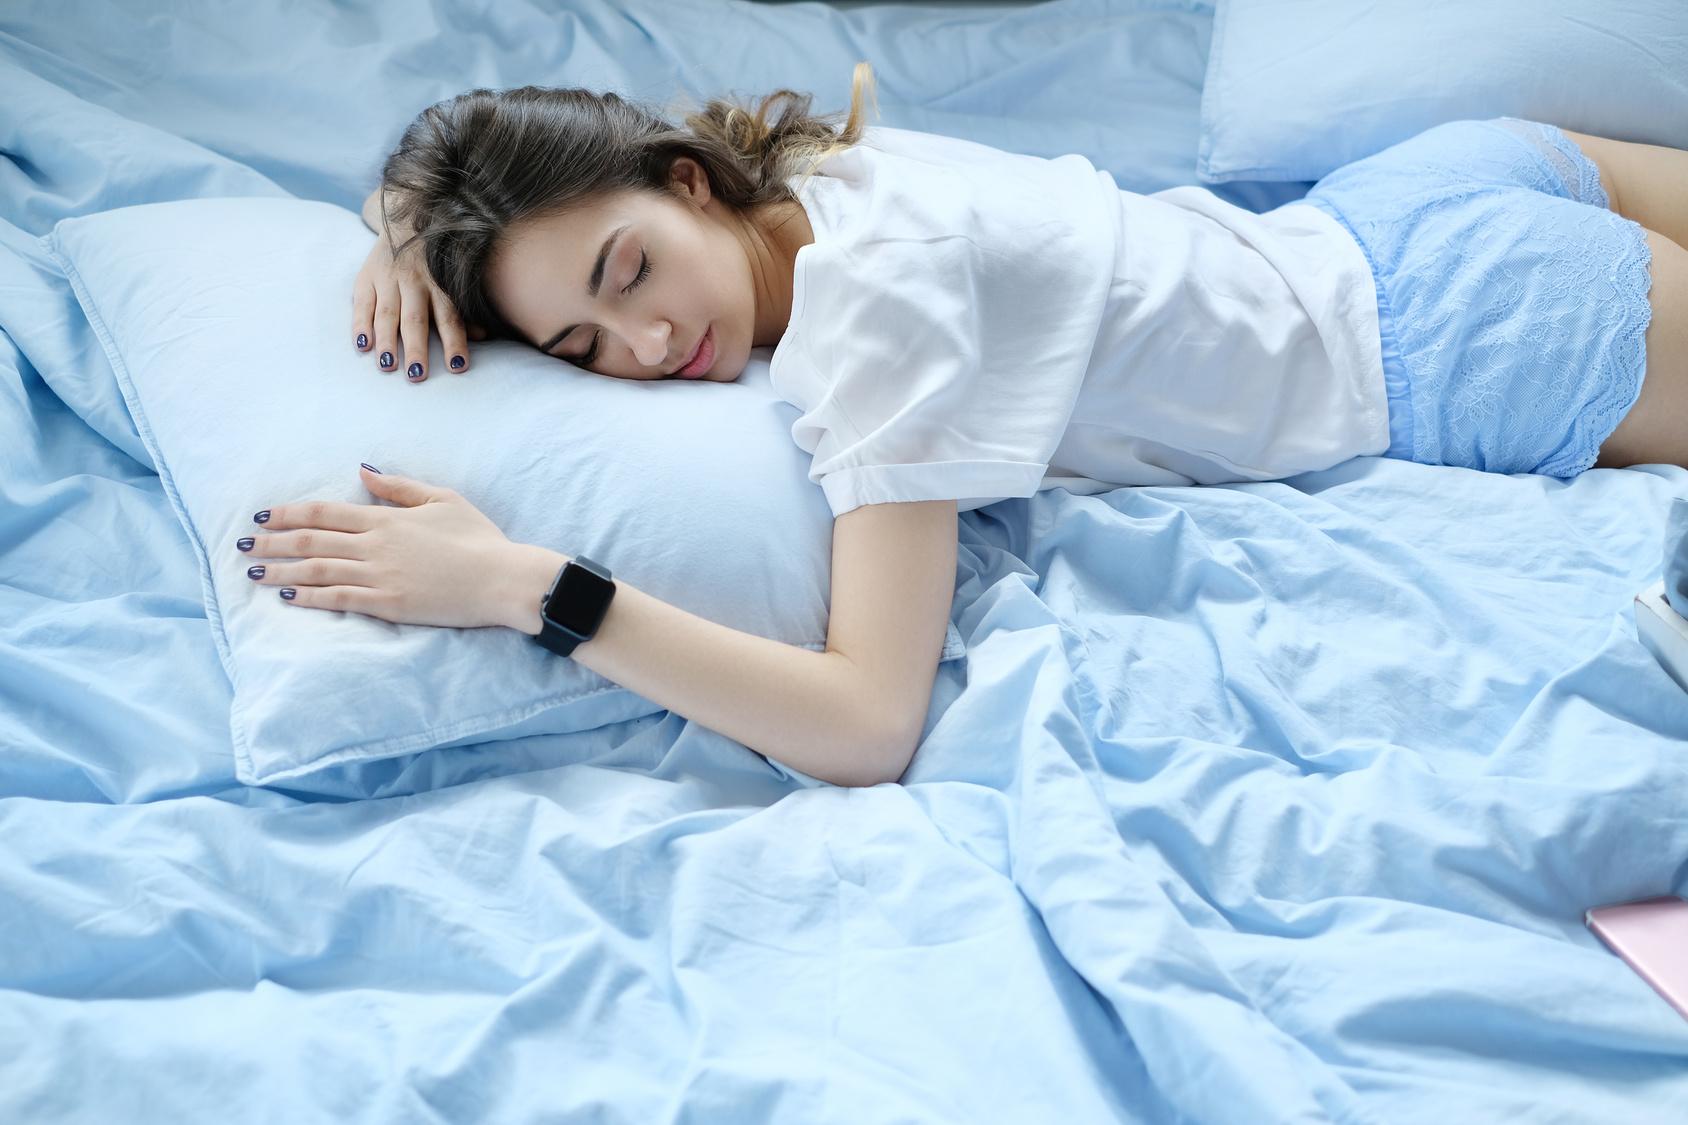 枕のニオイが気になったらきれいに水洗い!汗も汚れもこれでスッキリ